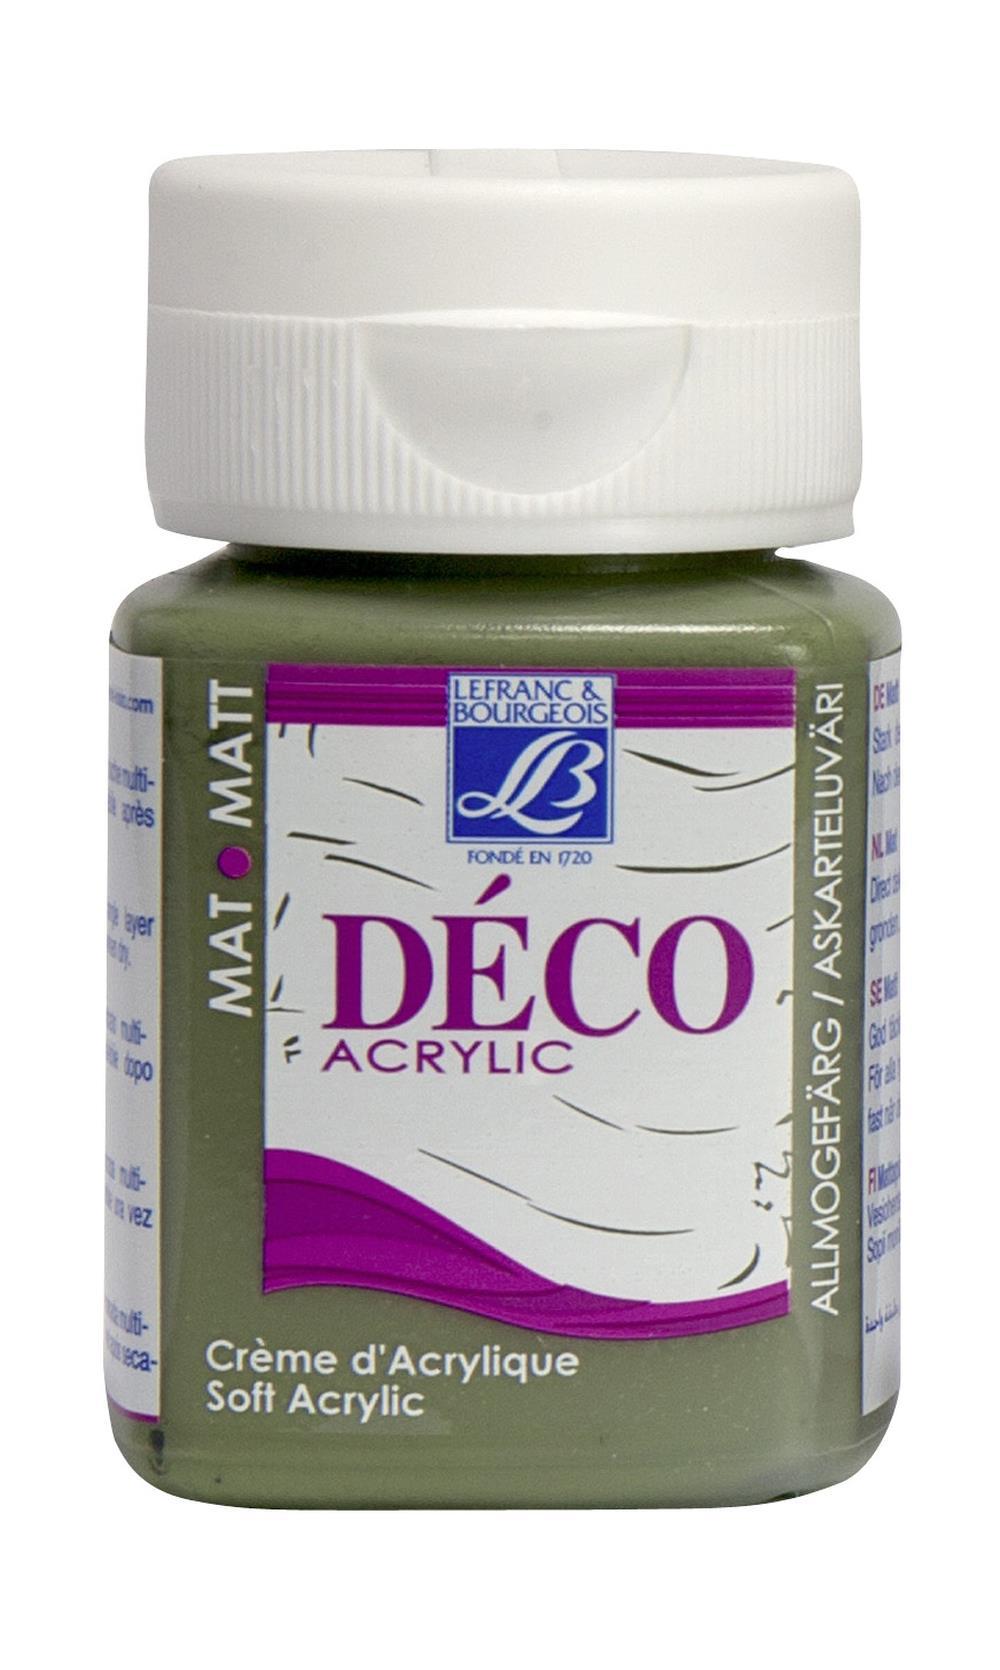 Hobbyfärg L&B Deco Matt Akryl 50ml Olive green nature 599 (4F) Utgår